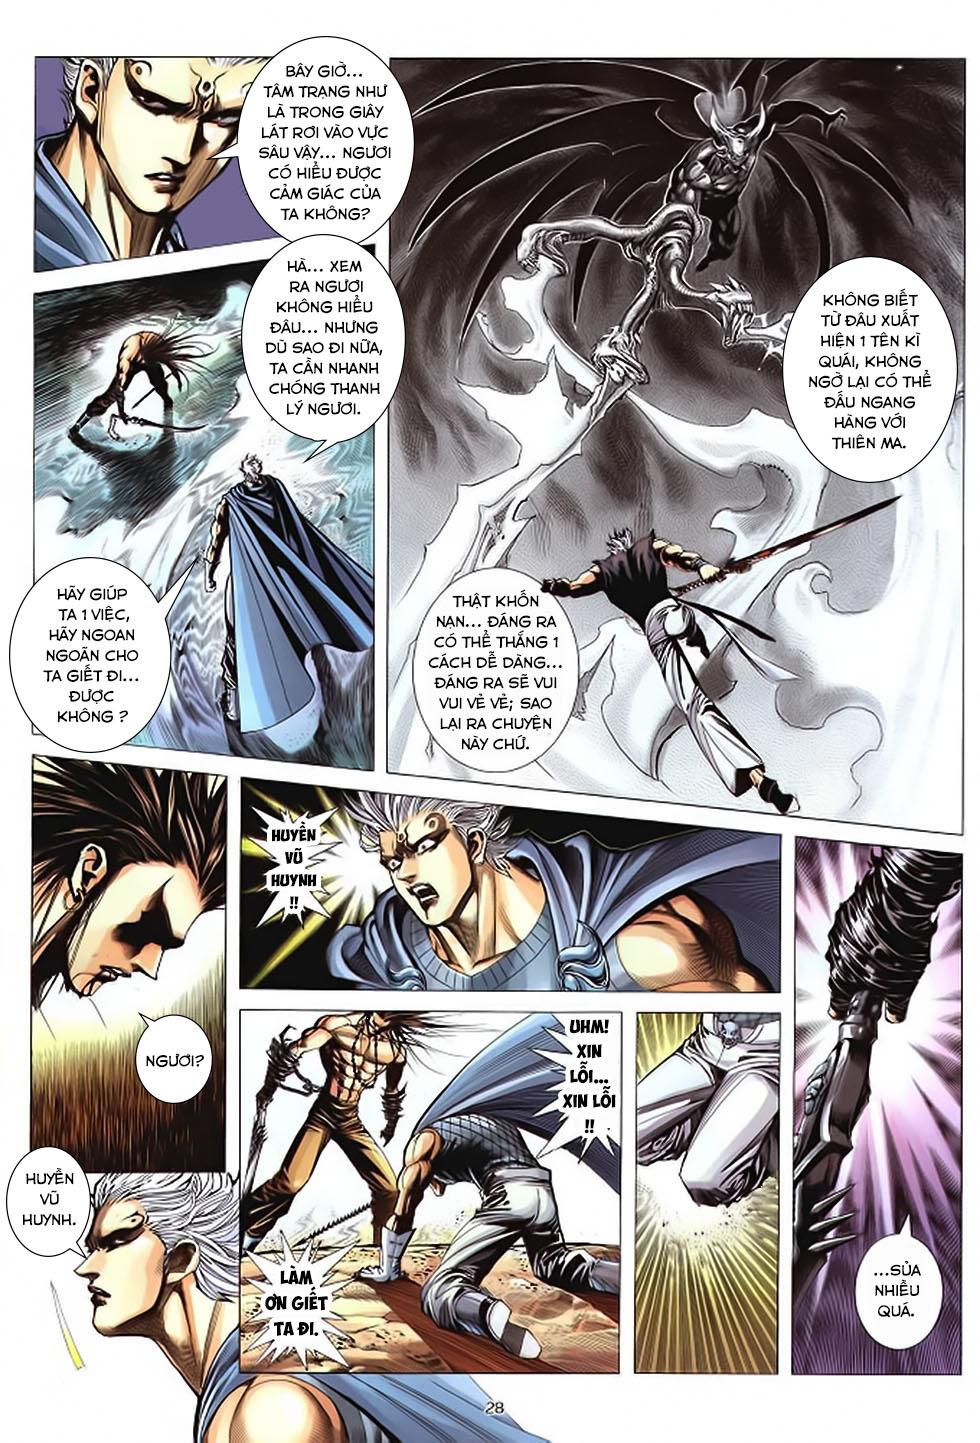 Chiến Thần Ký chap 39 - Trang 29